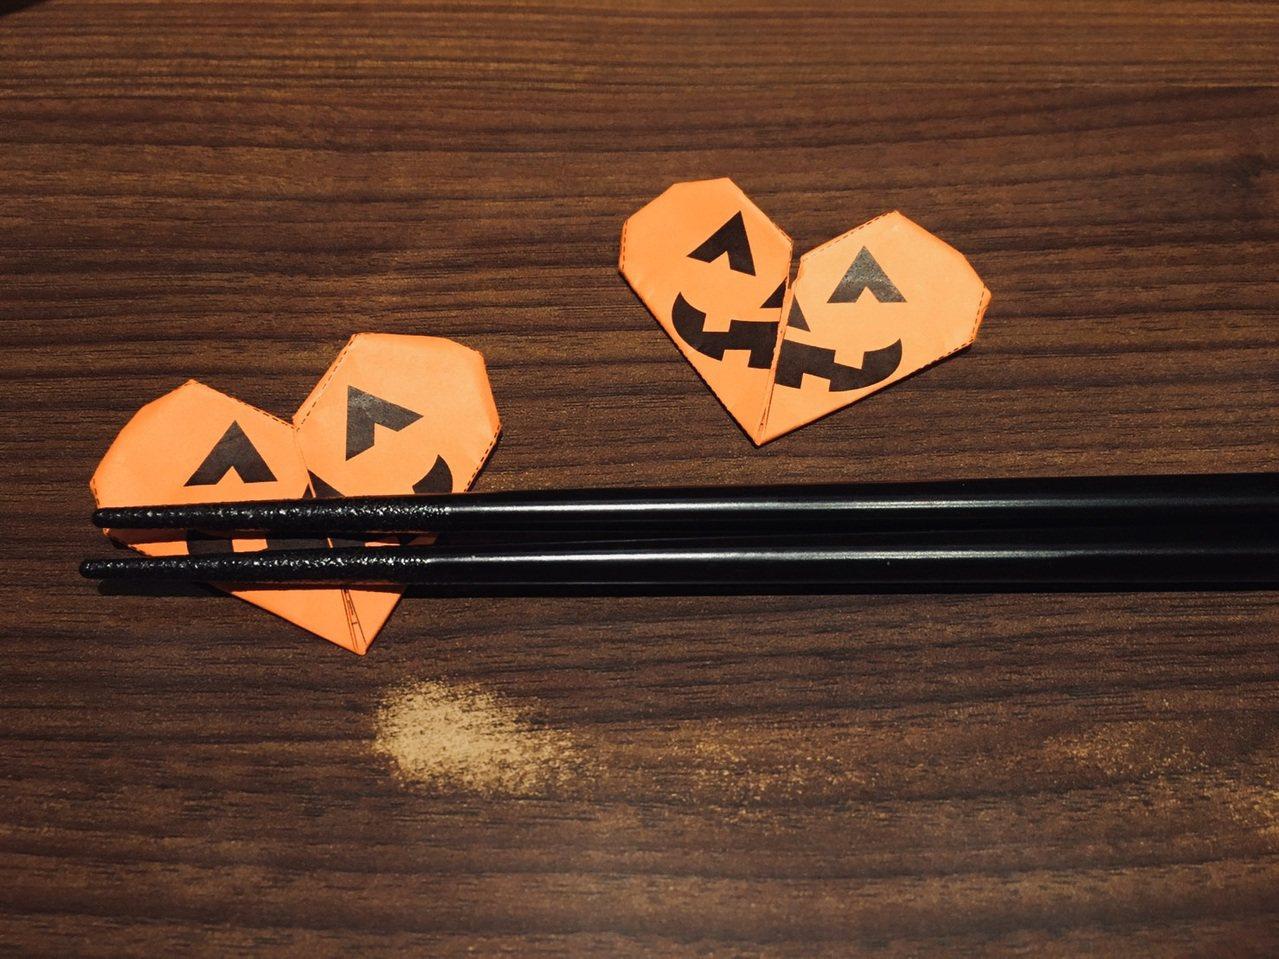 萬聖節期間,將會有期間限定的南瓜筷套。圖/一蘭提供